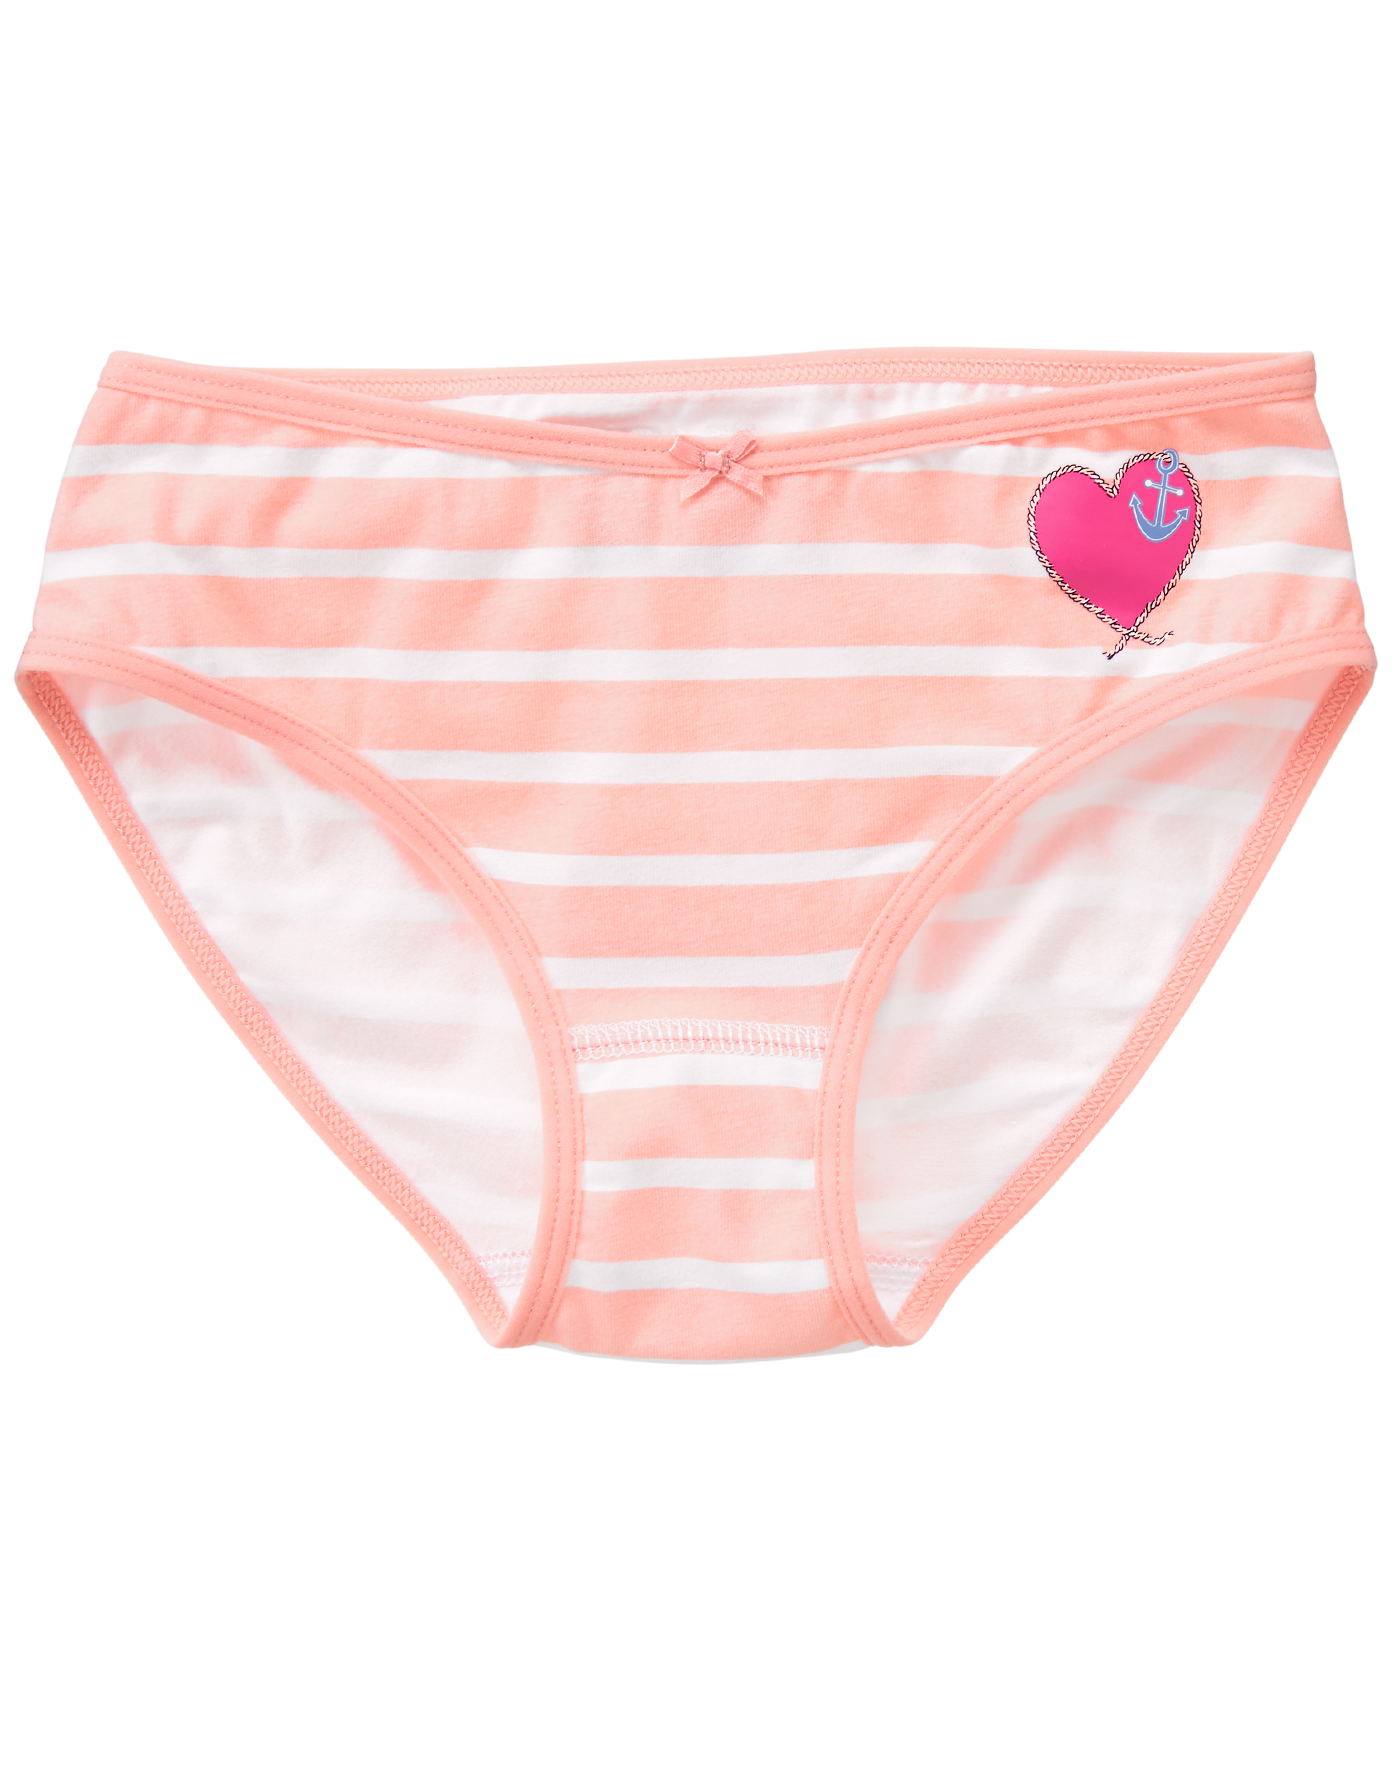 a860eb3834 Heart Underwear in 2019